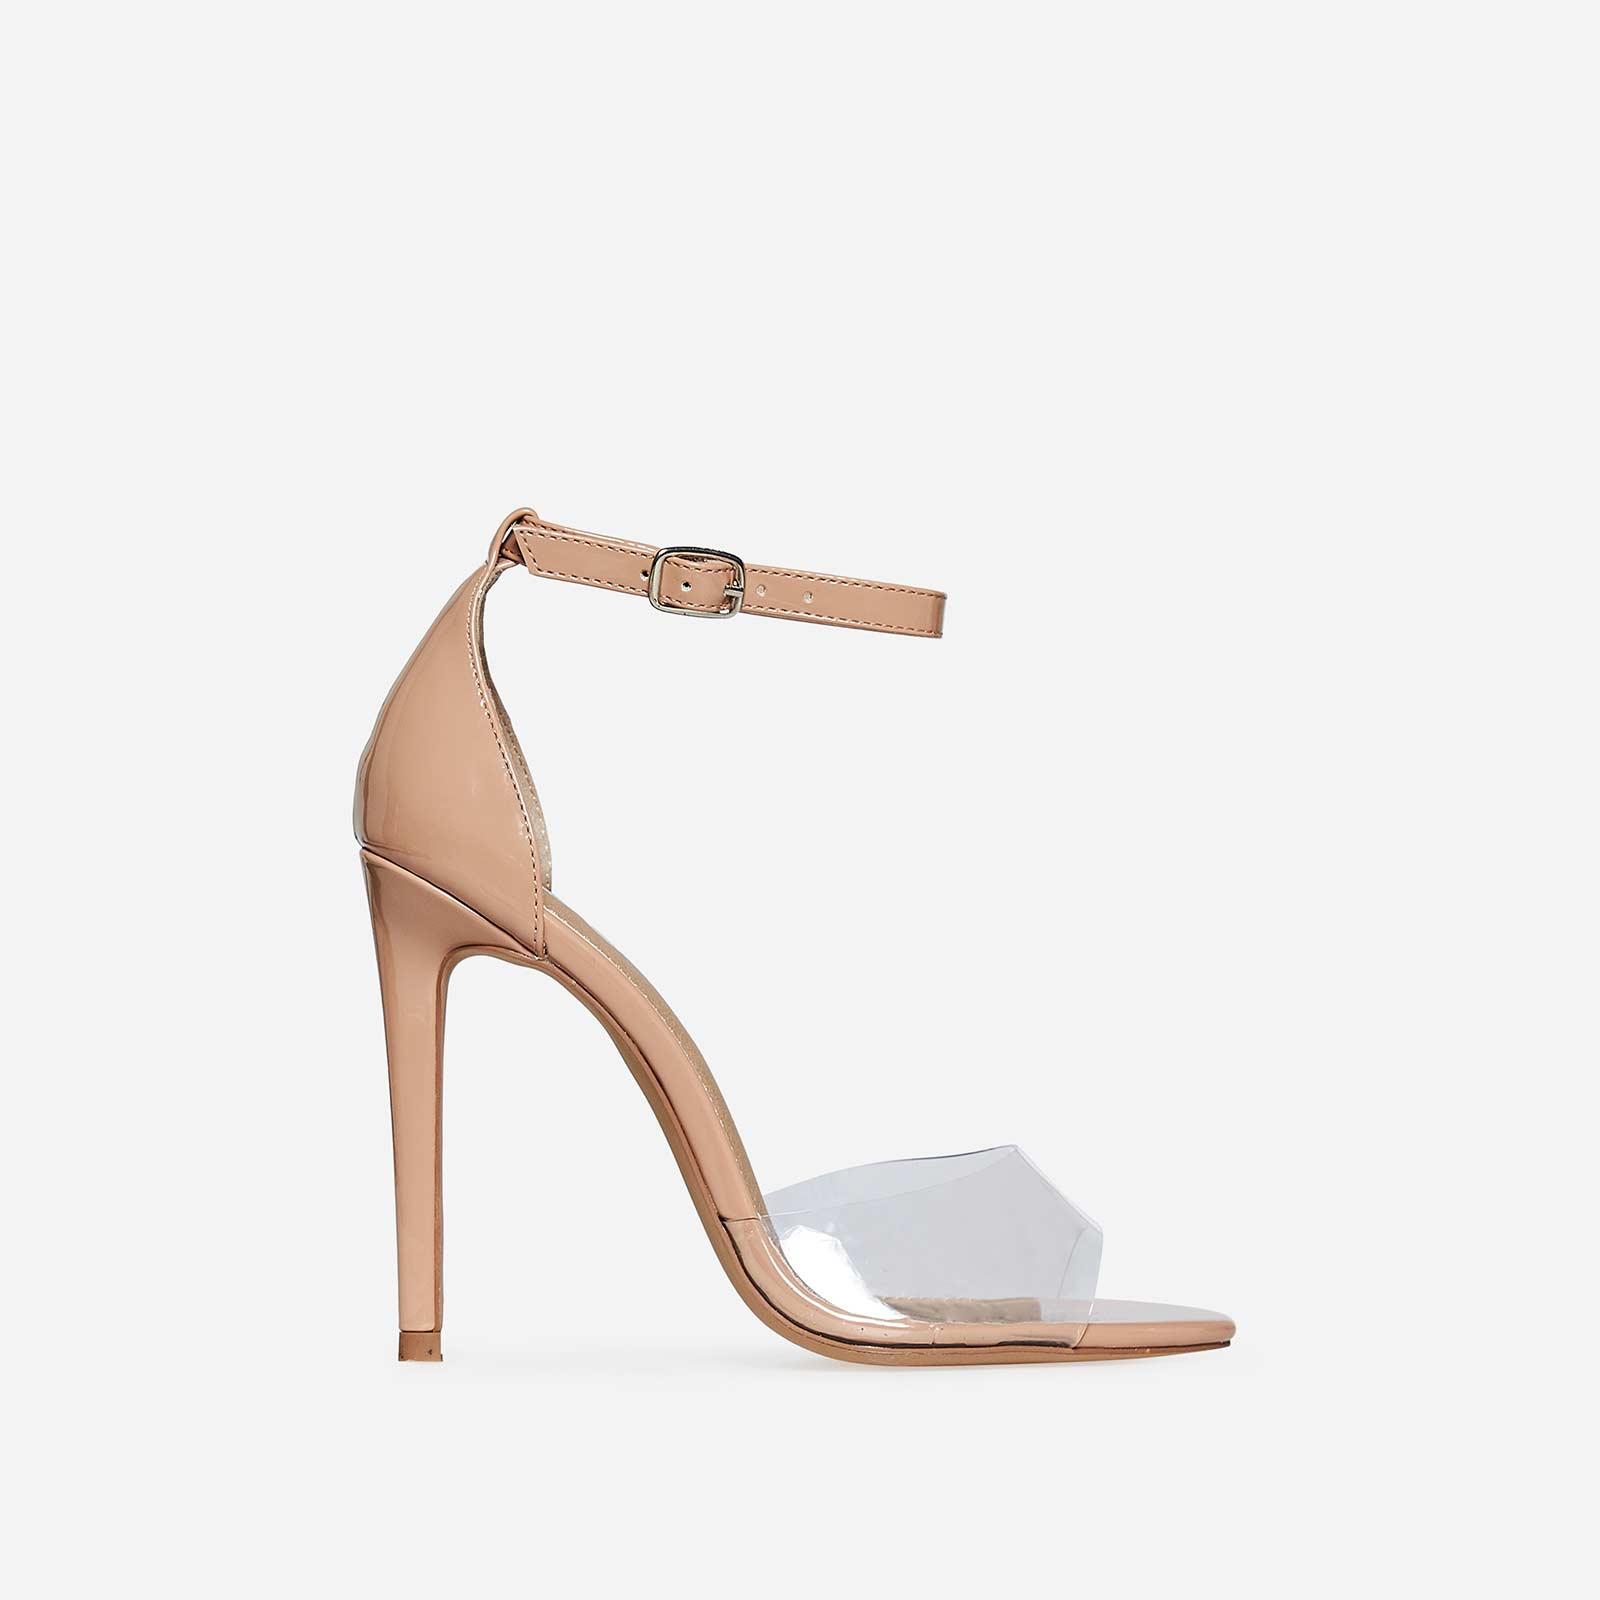 Gabi Peep Toe Perspex Heel In Nude Patent